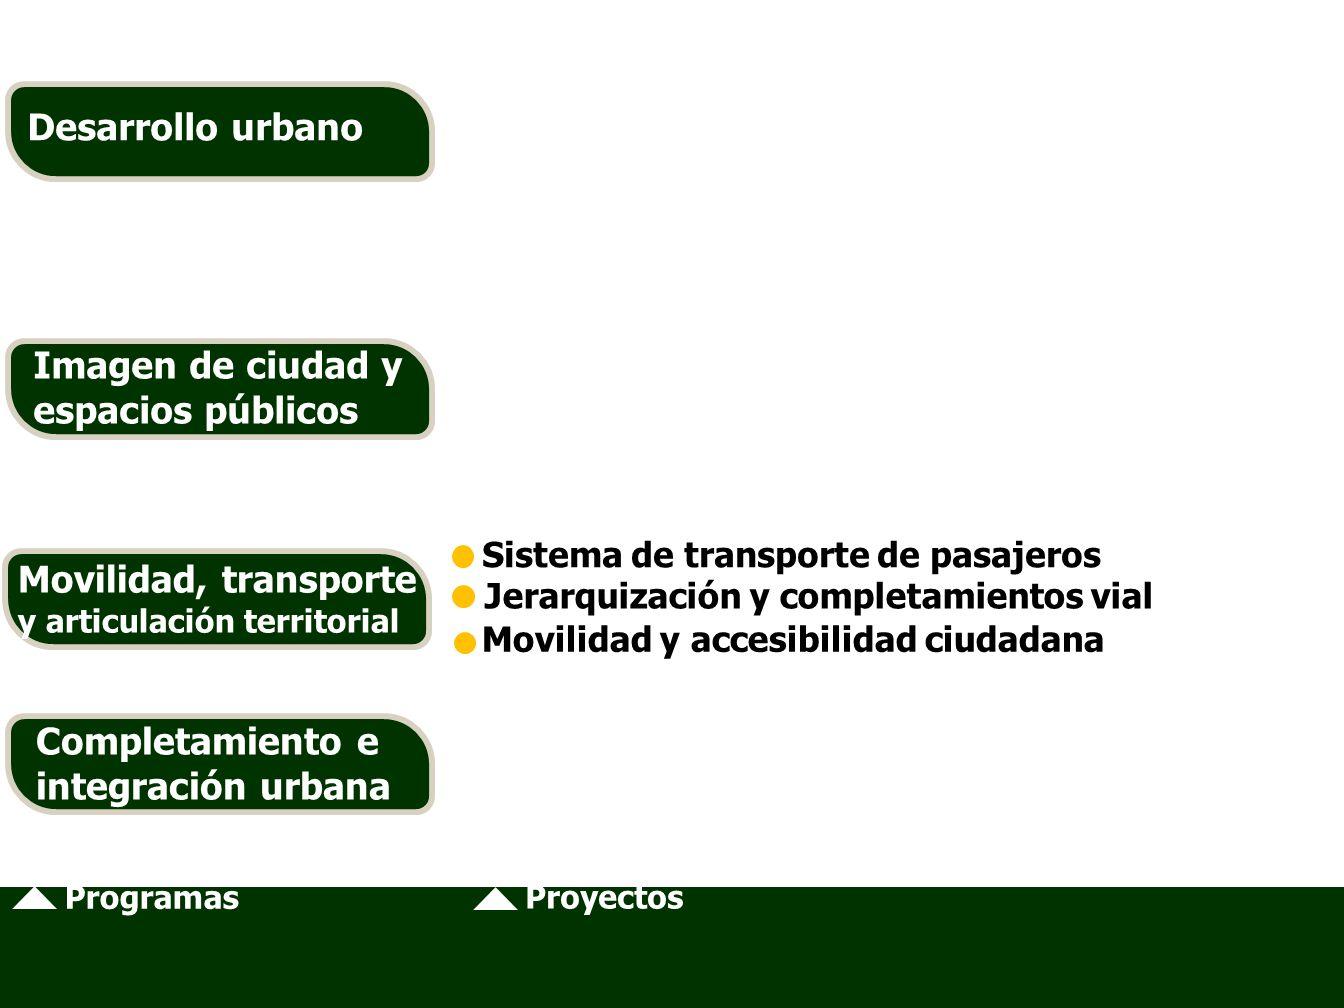 Sistema de transporte de pasajeros Jerarquización y completamientos vial Movilidad y accesibilidad ciudadana Programas Proyectos Desarrollo urbano Imagen de ciudad y espacios públicos Movilidad, transporte y articulación territorial Completamiento e integración urbana